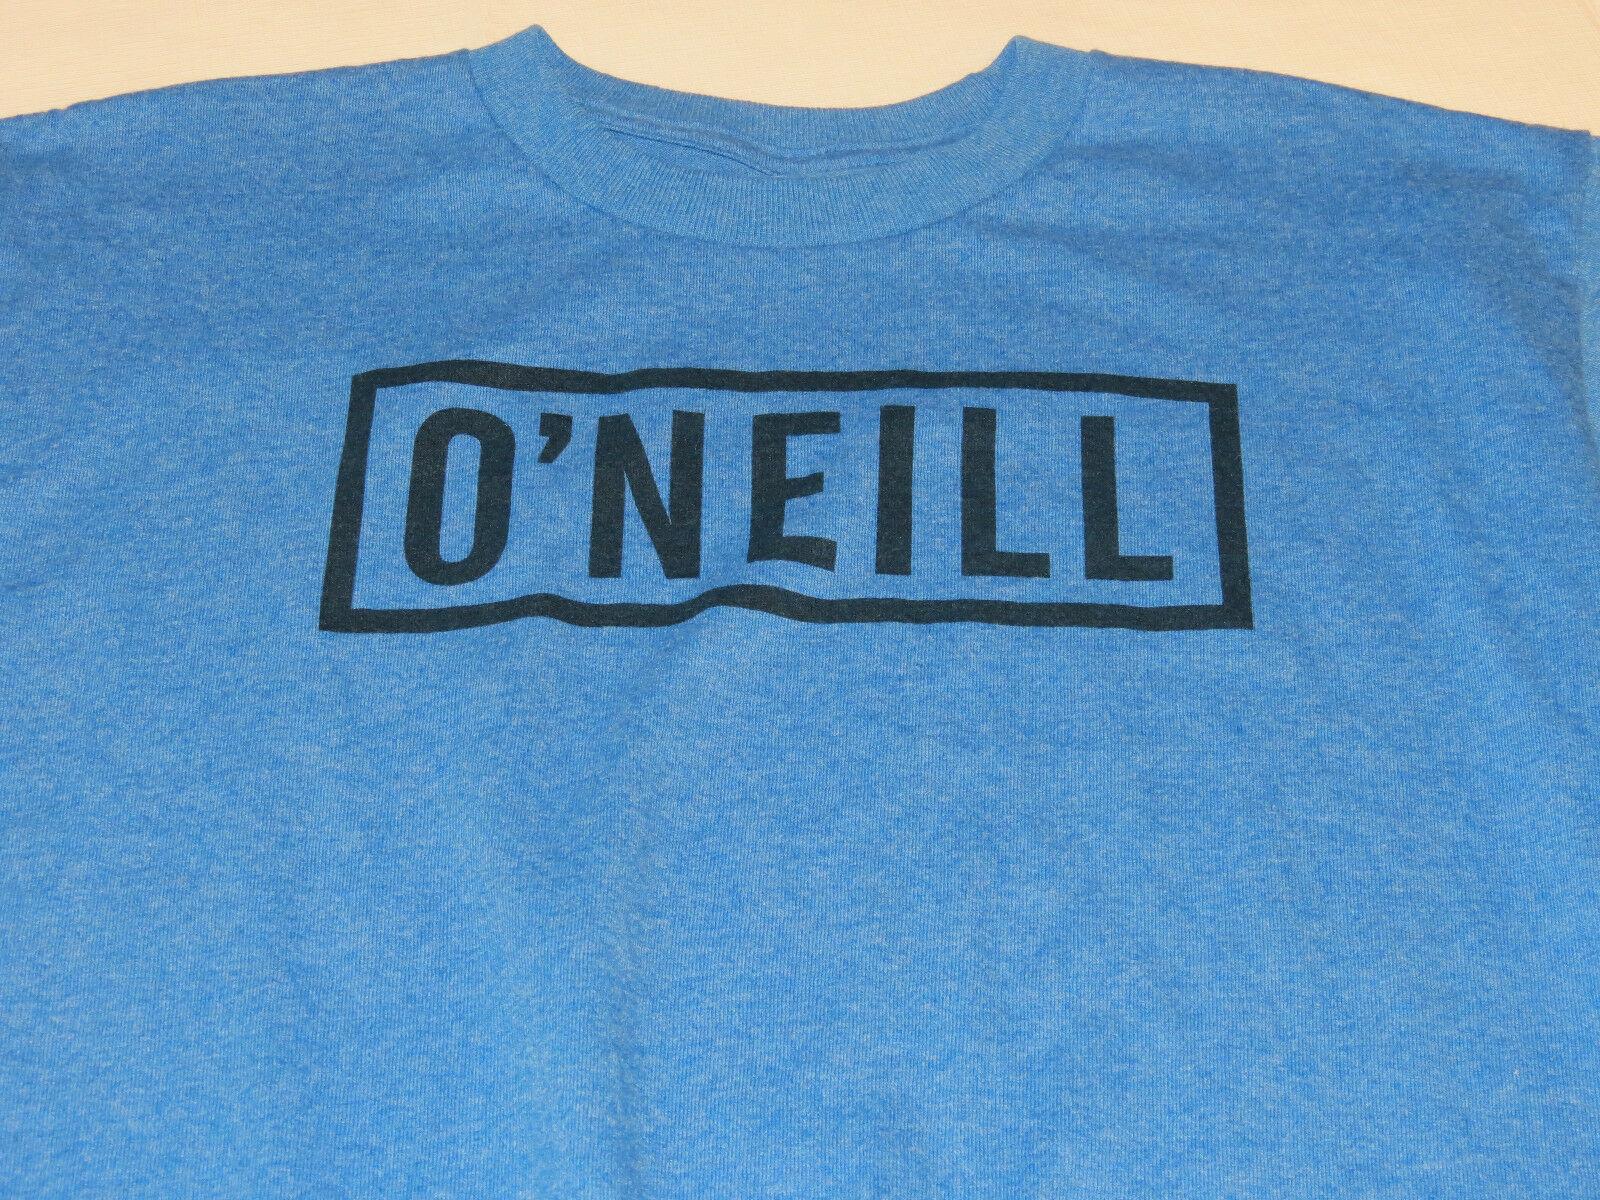 Boys youth O'Neill surf skate XL Block T shirt Youth TEE SBZ blue hthr SU6218403 image 2